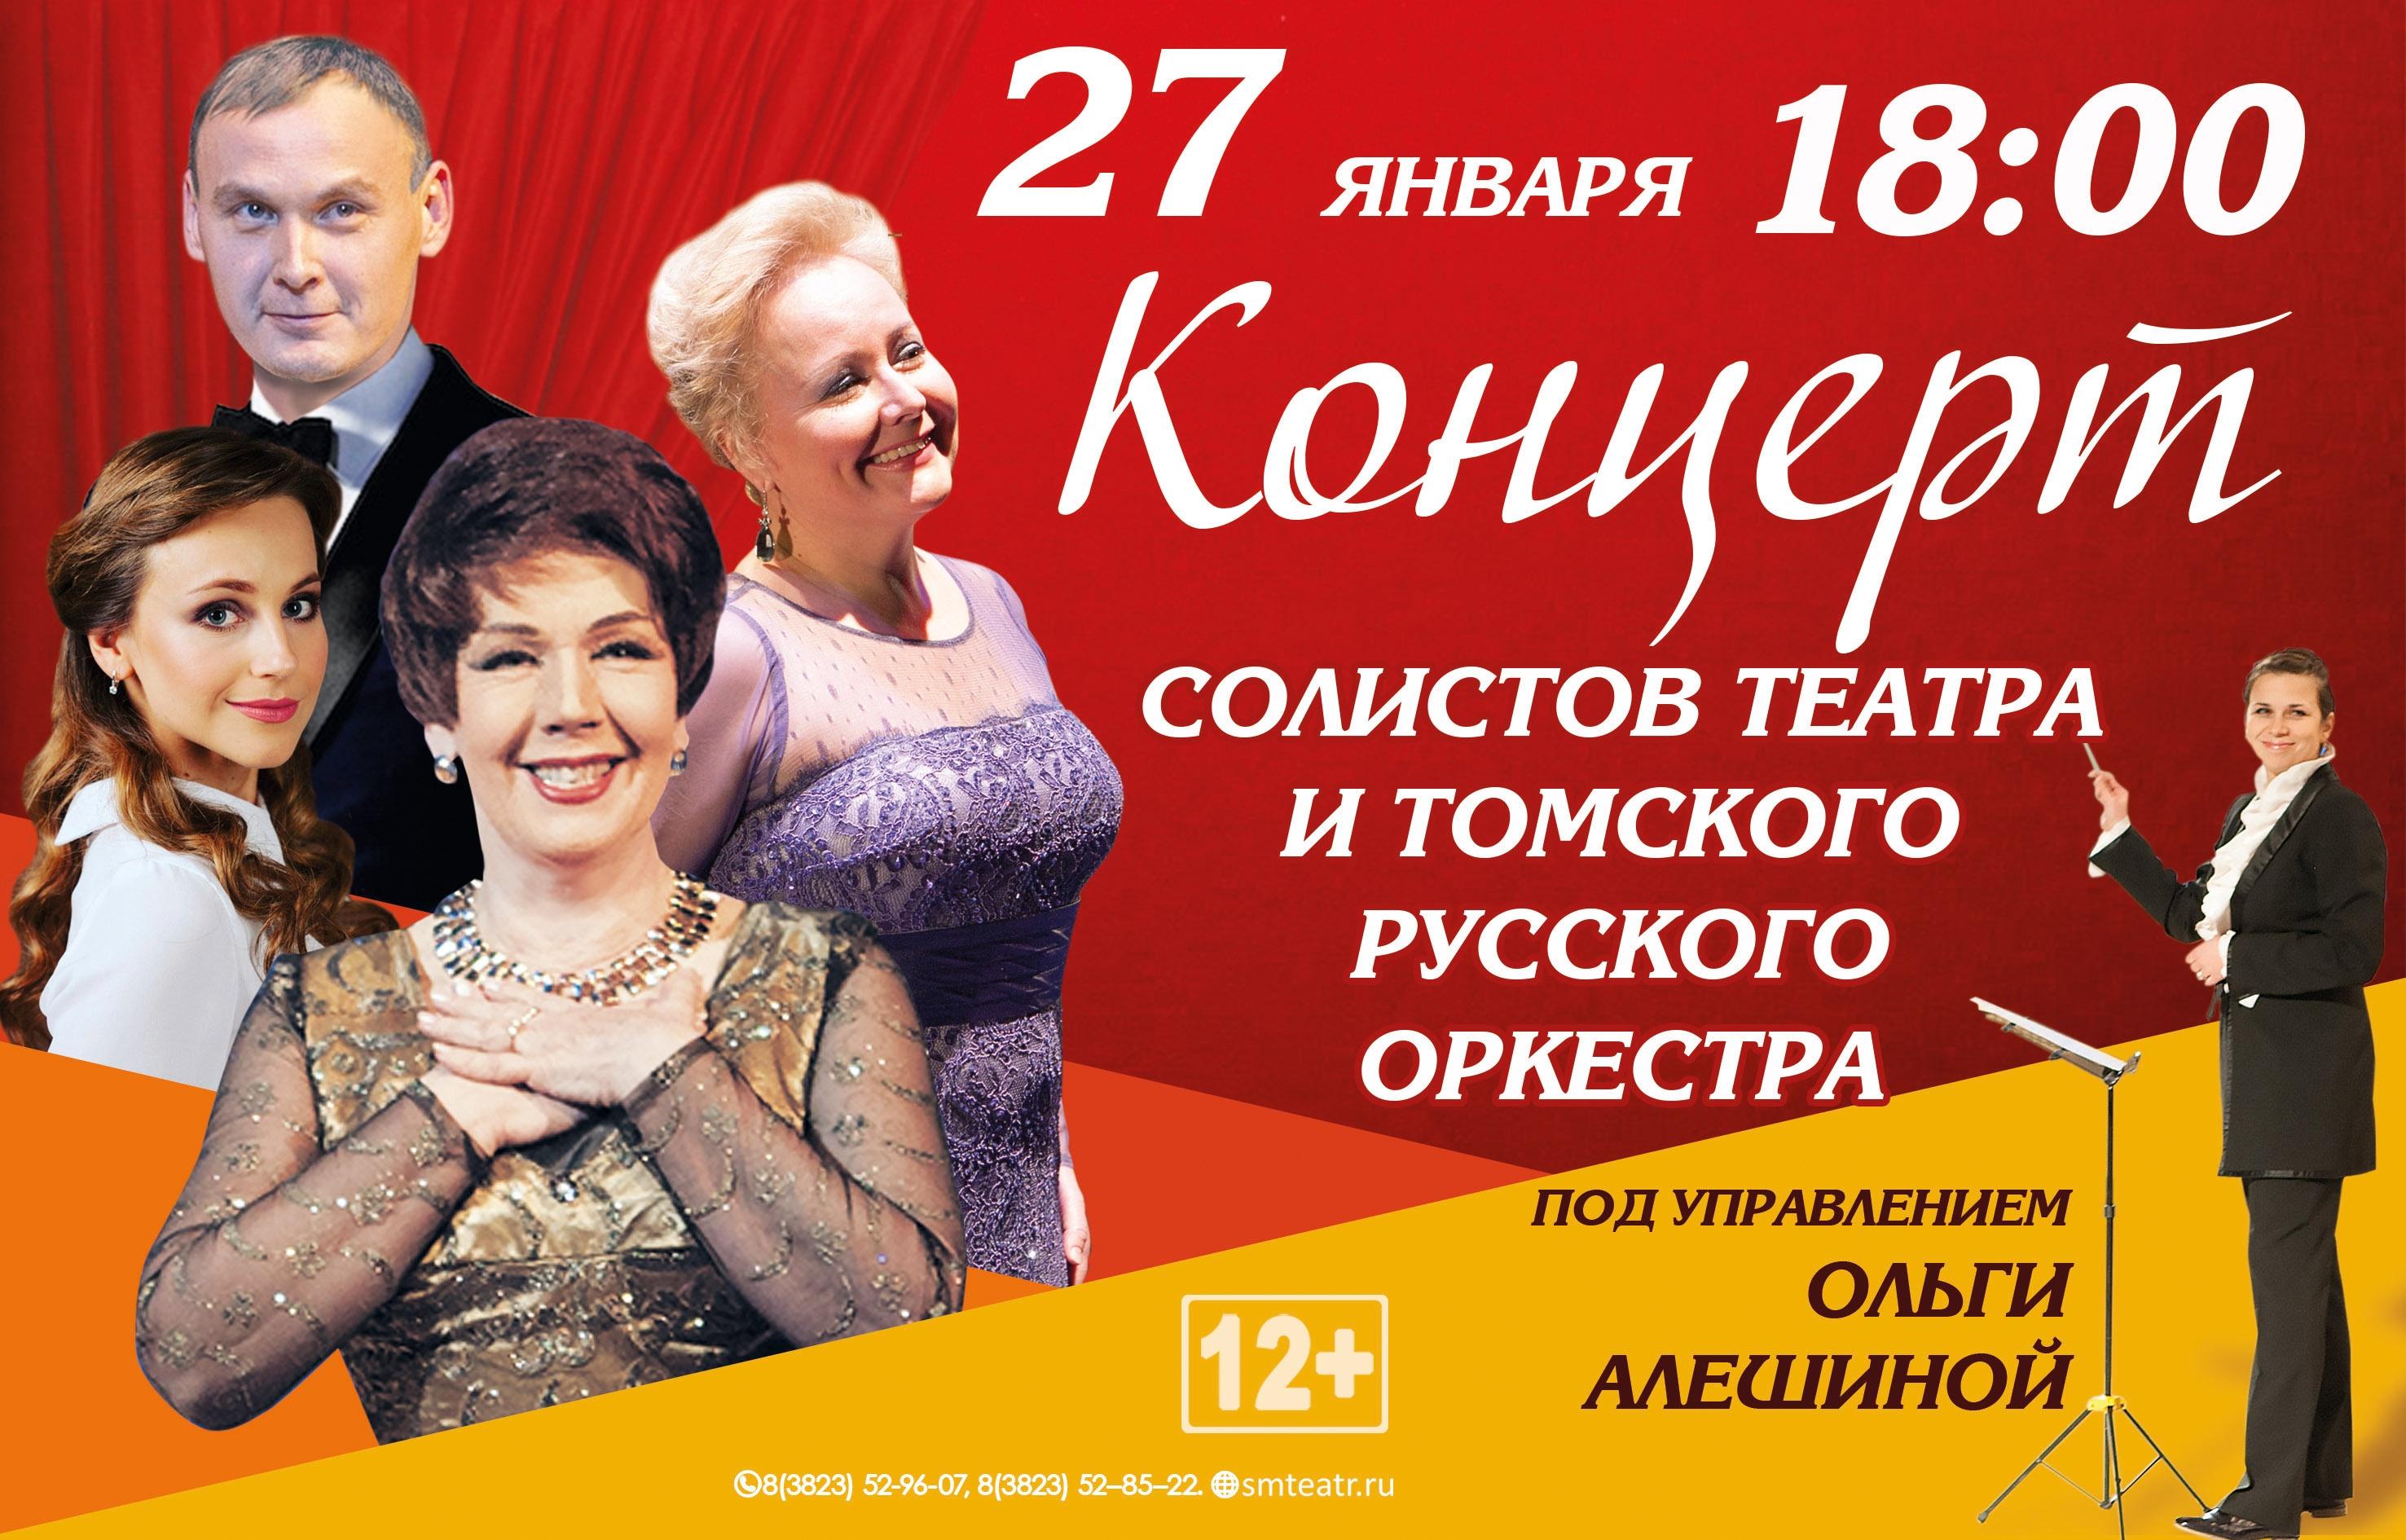 Прекрасный вечер для концерта